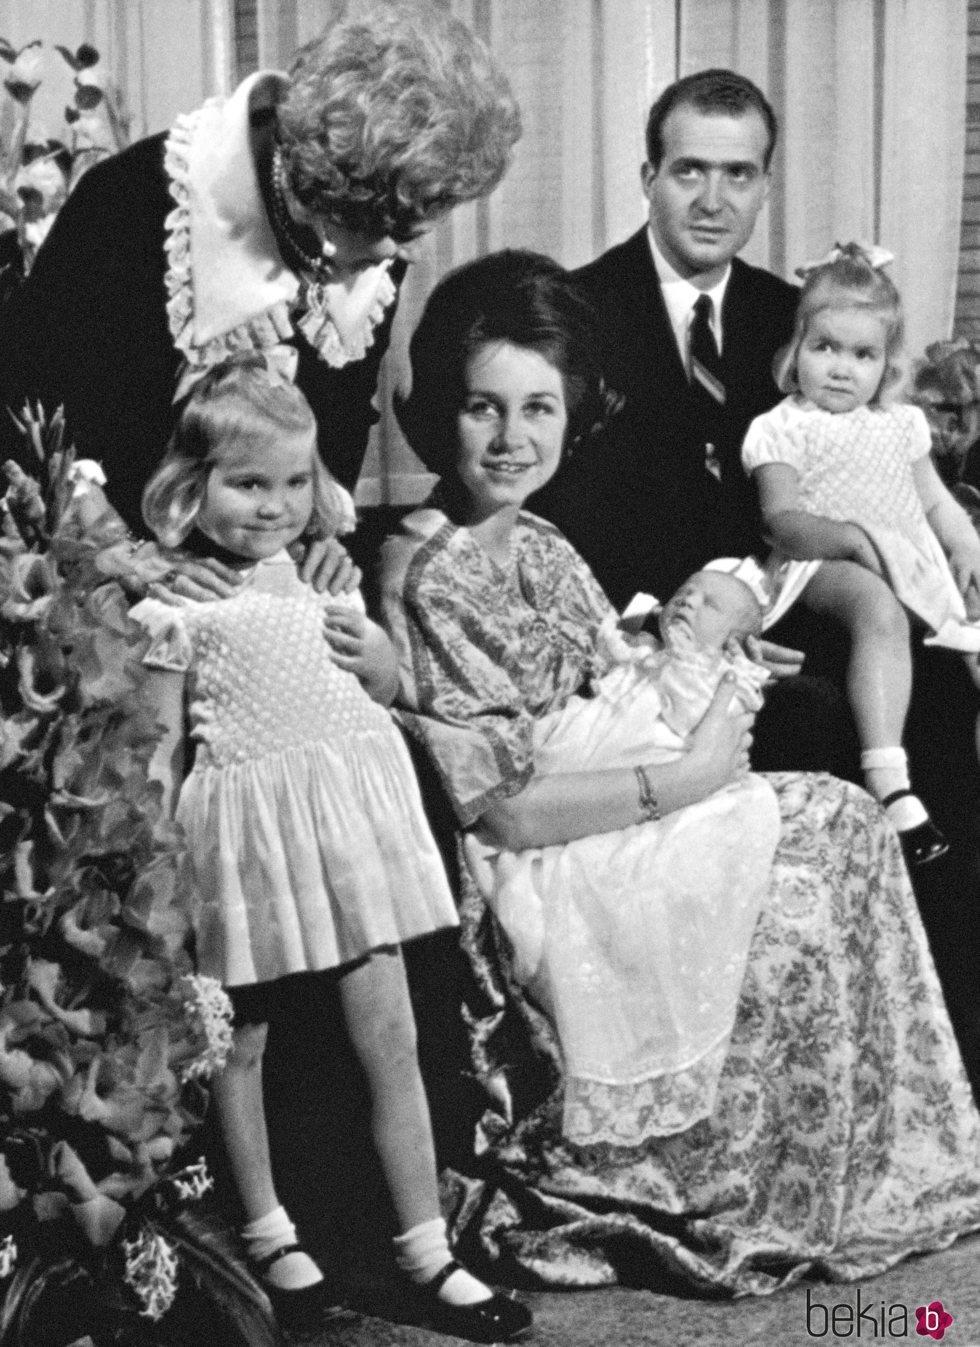 El Rey Felipe en su presentación al nacer junto a los Reyes Juan Carlos y Sofía y las Infantas Elena y Cristina